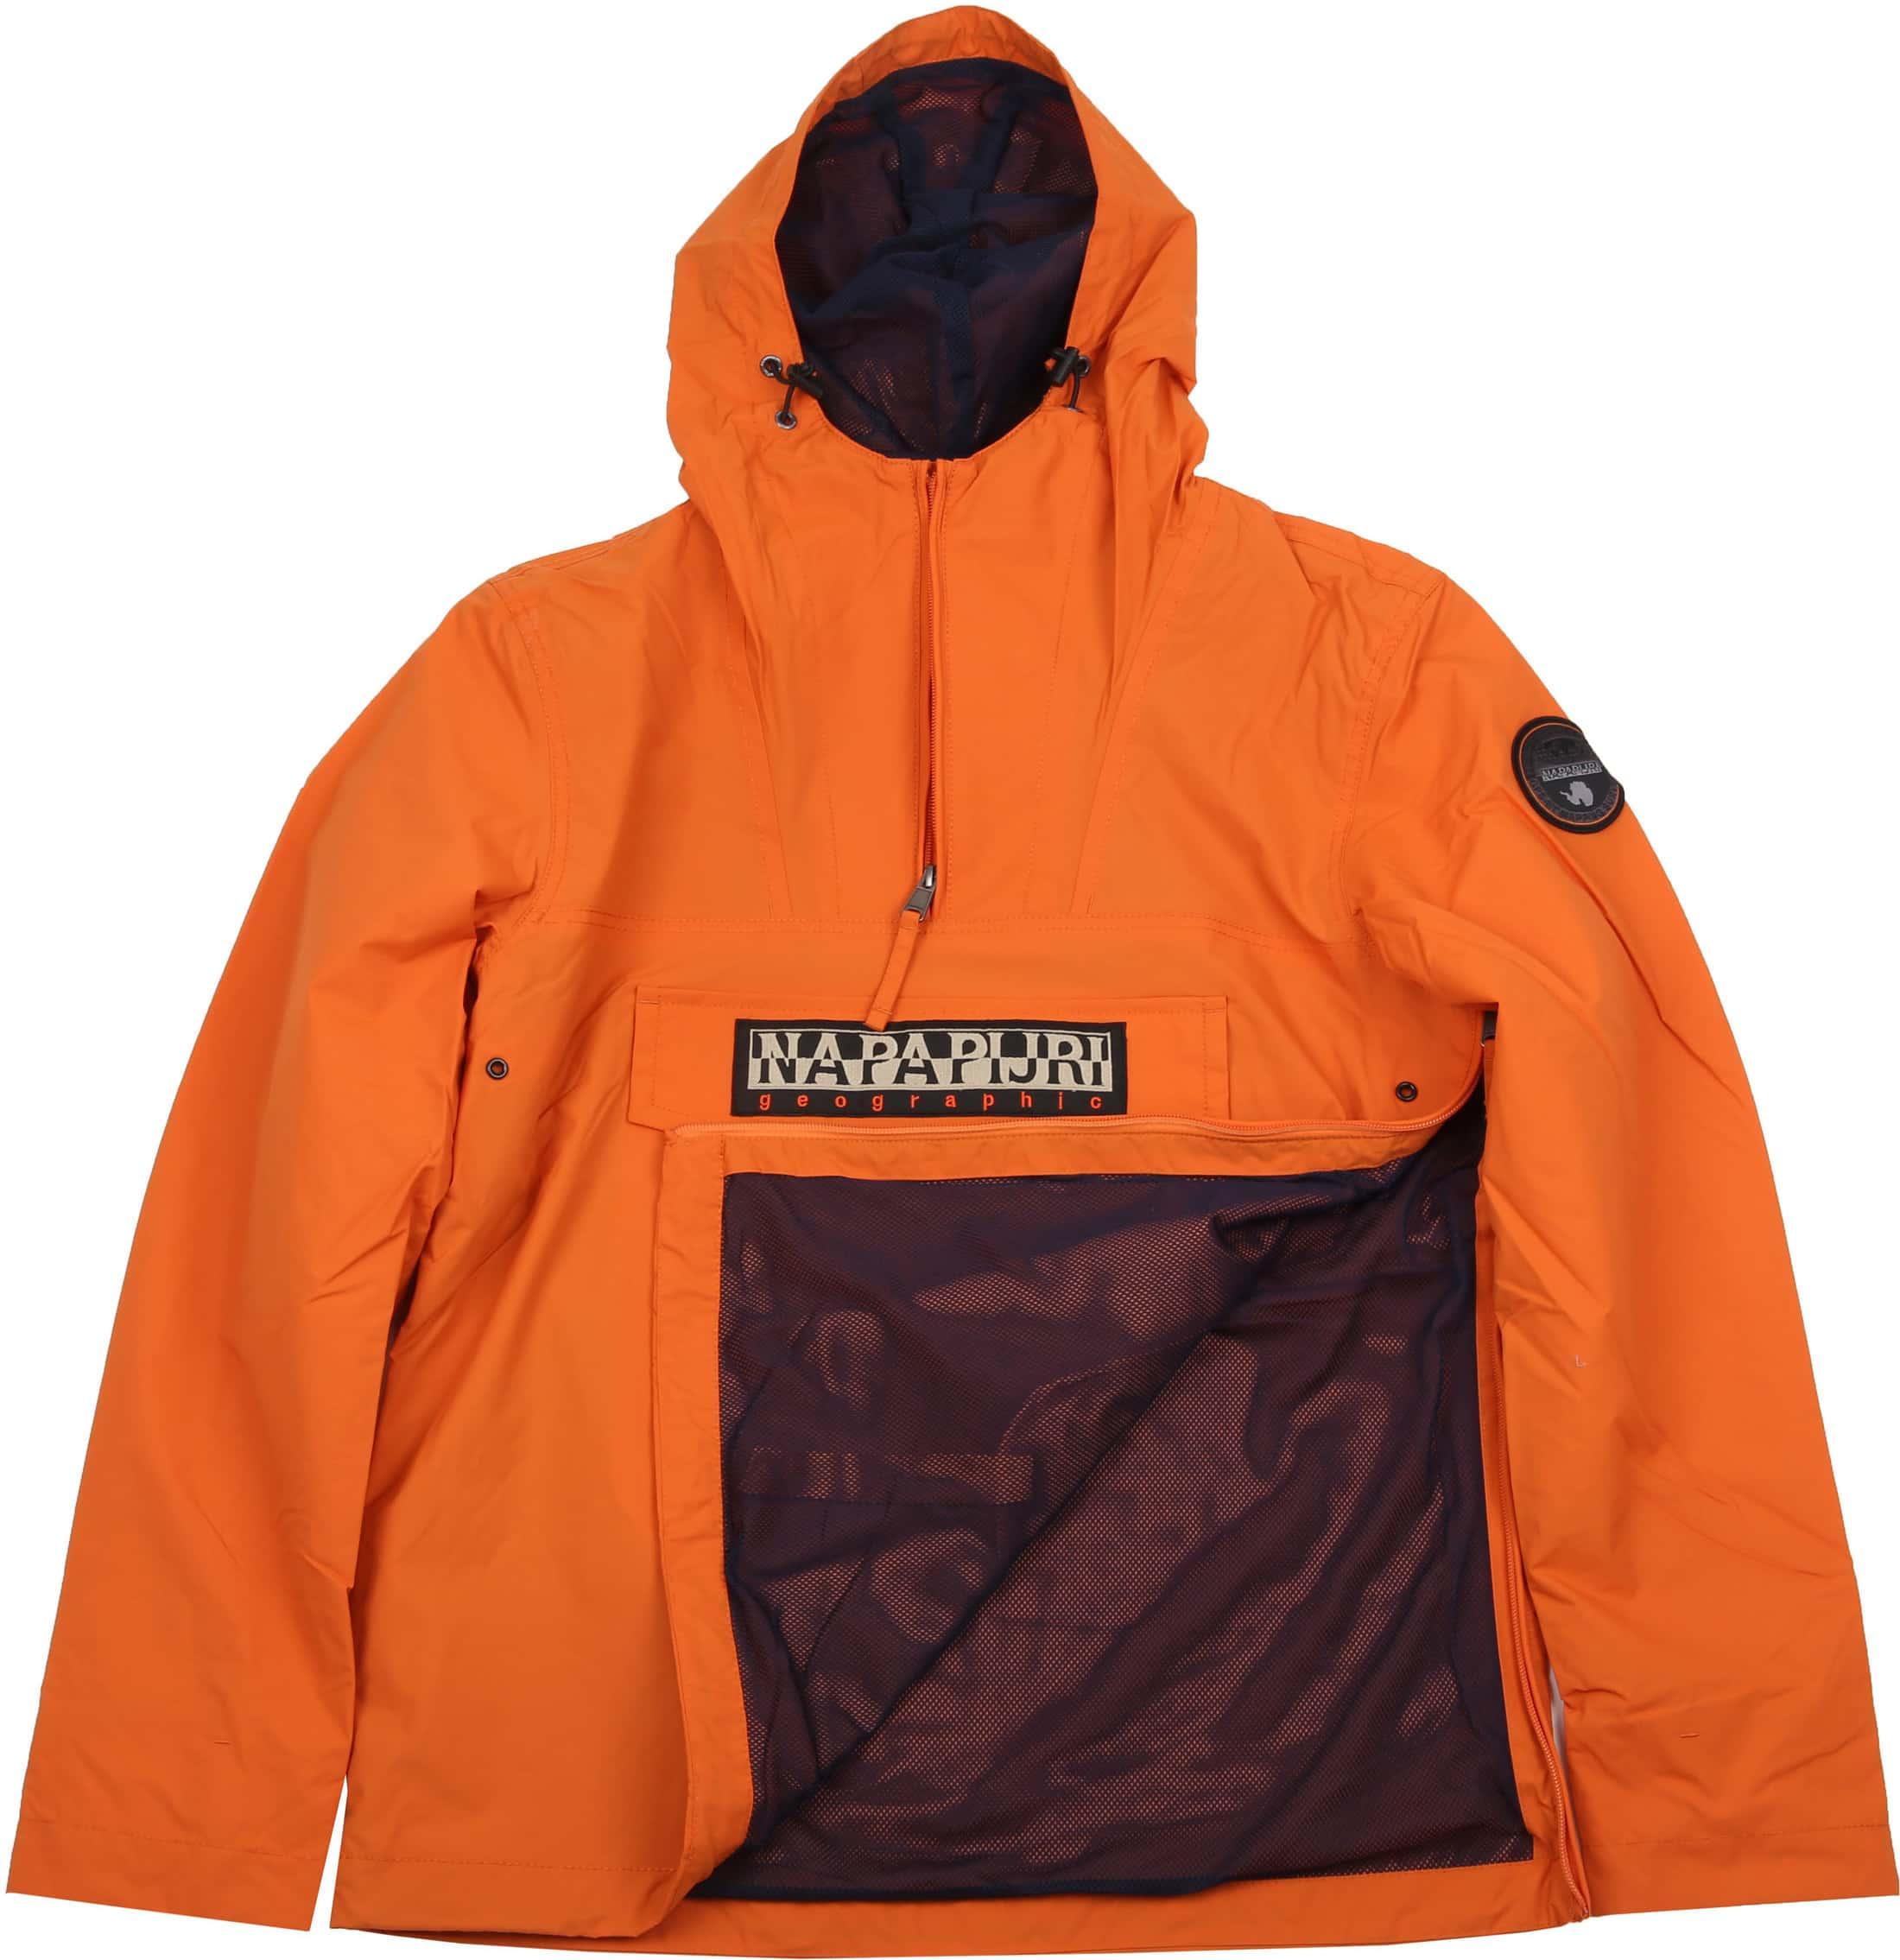 Napapijri Rainforest Summer Jacket Orange  foto 6